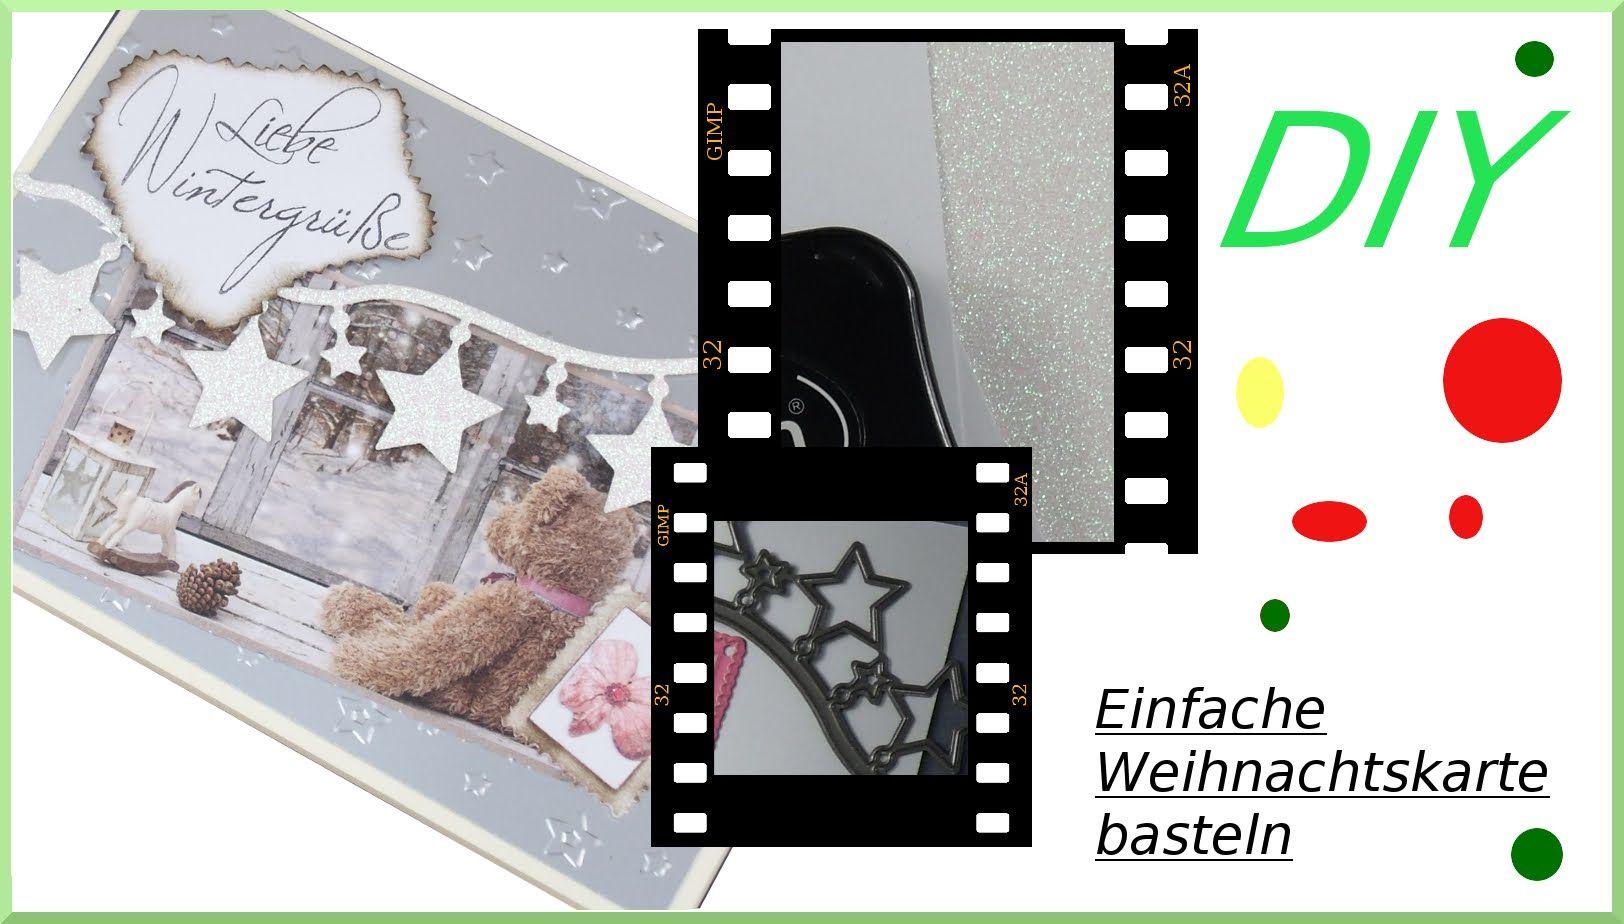 Großartig Edle Weihnachtskarten Basteln Ideen Von Video: Winterkarte Basteln. #cardmaking #kartenbasteln #papercrafting